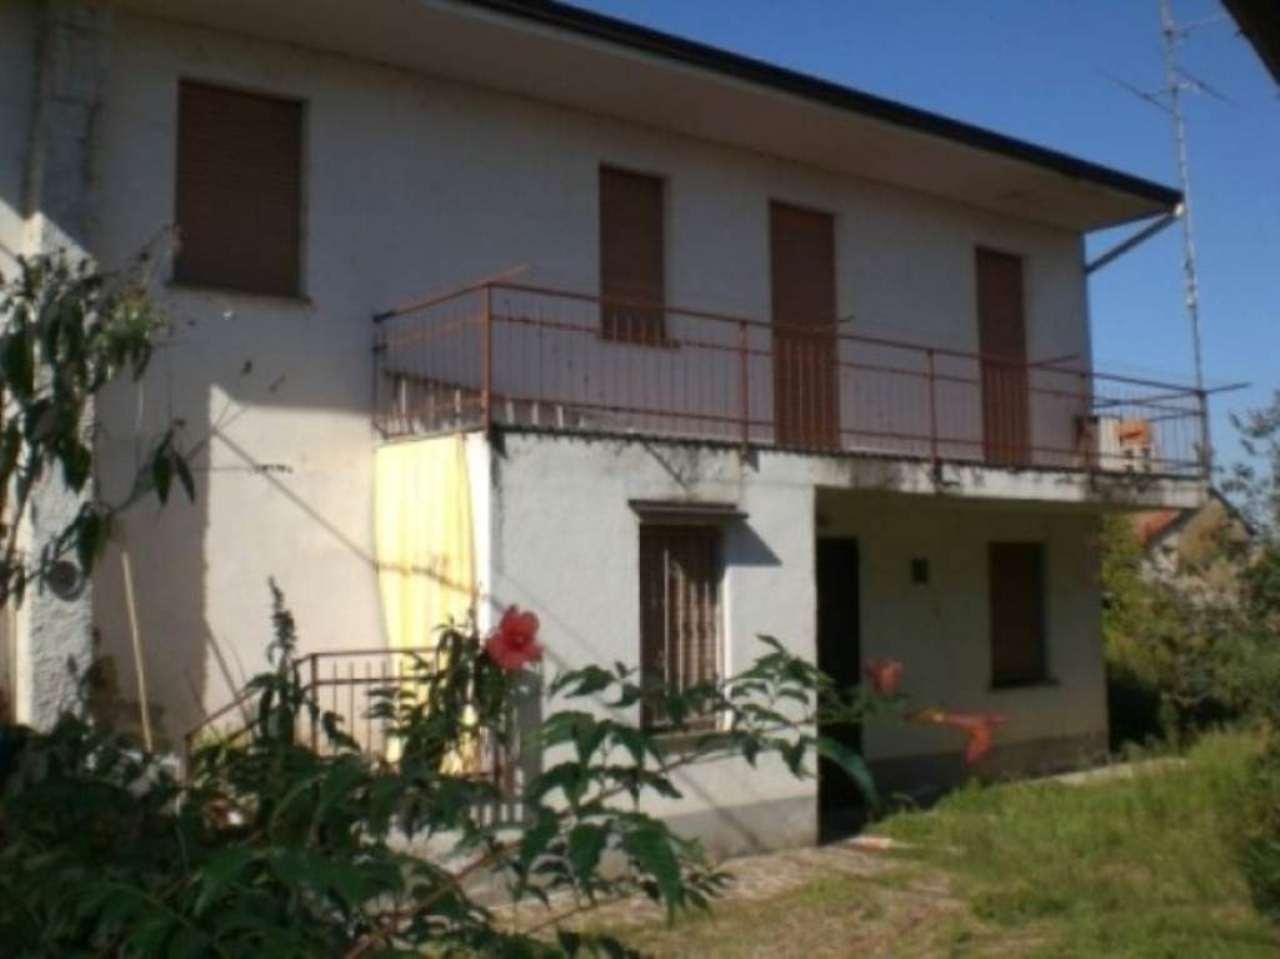 Soluzione Indipendente in vendita a Garlasco, 4 locali, prezzo € 90.000 | Cambio Casa.it